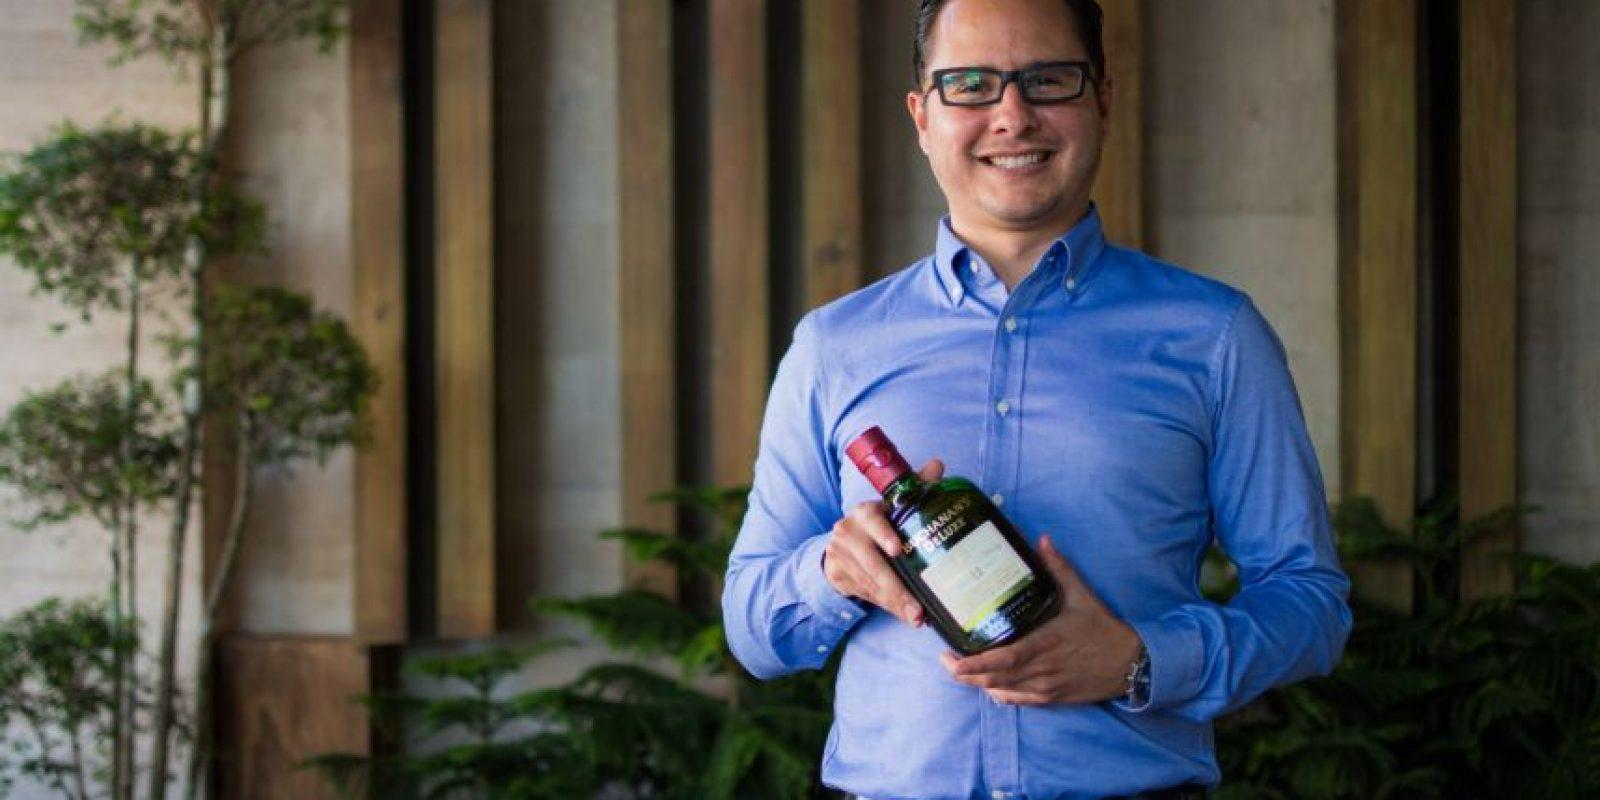 La nueva botella muestra una forma más redondeada. Foto:MAENO Y CO.